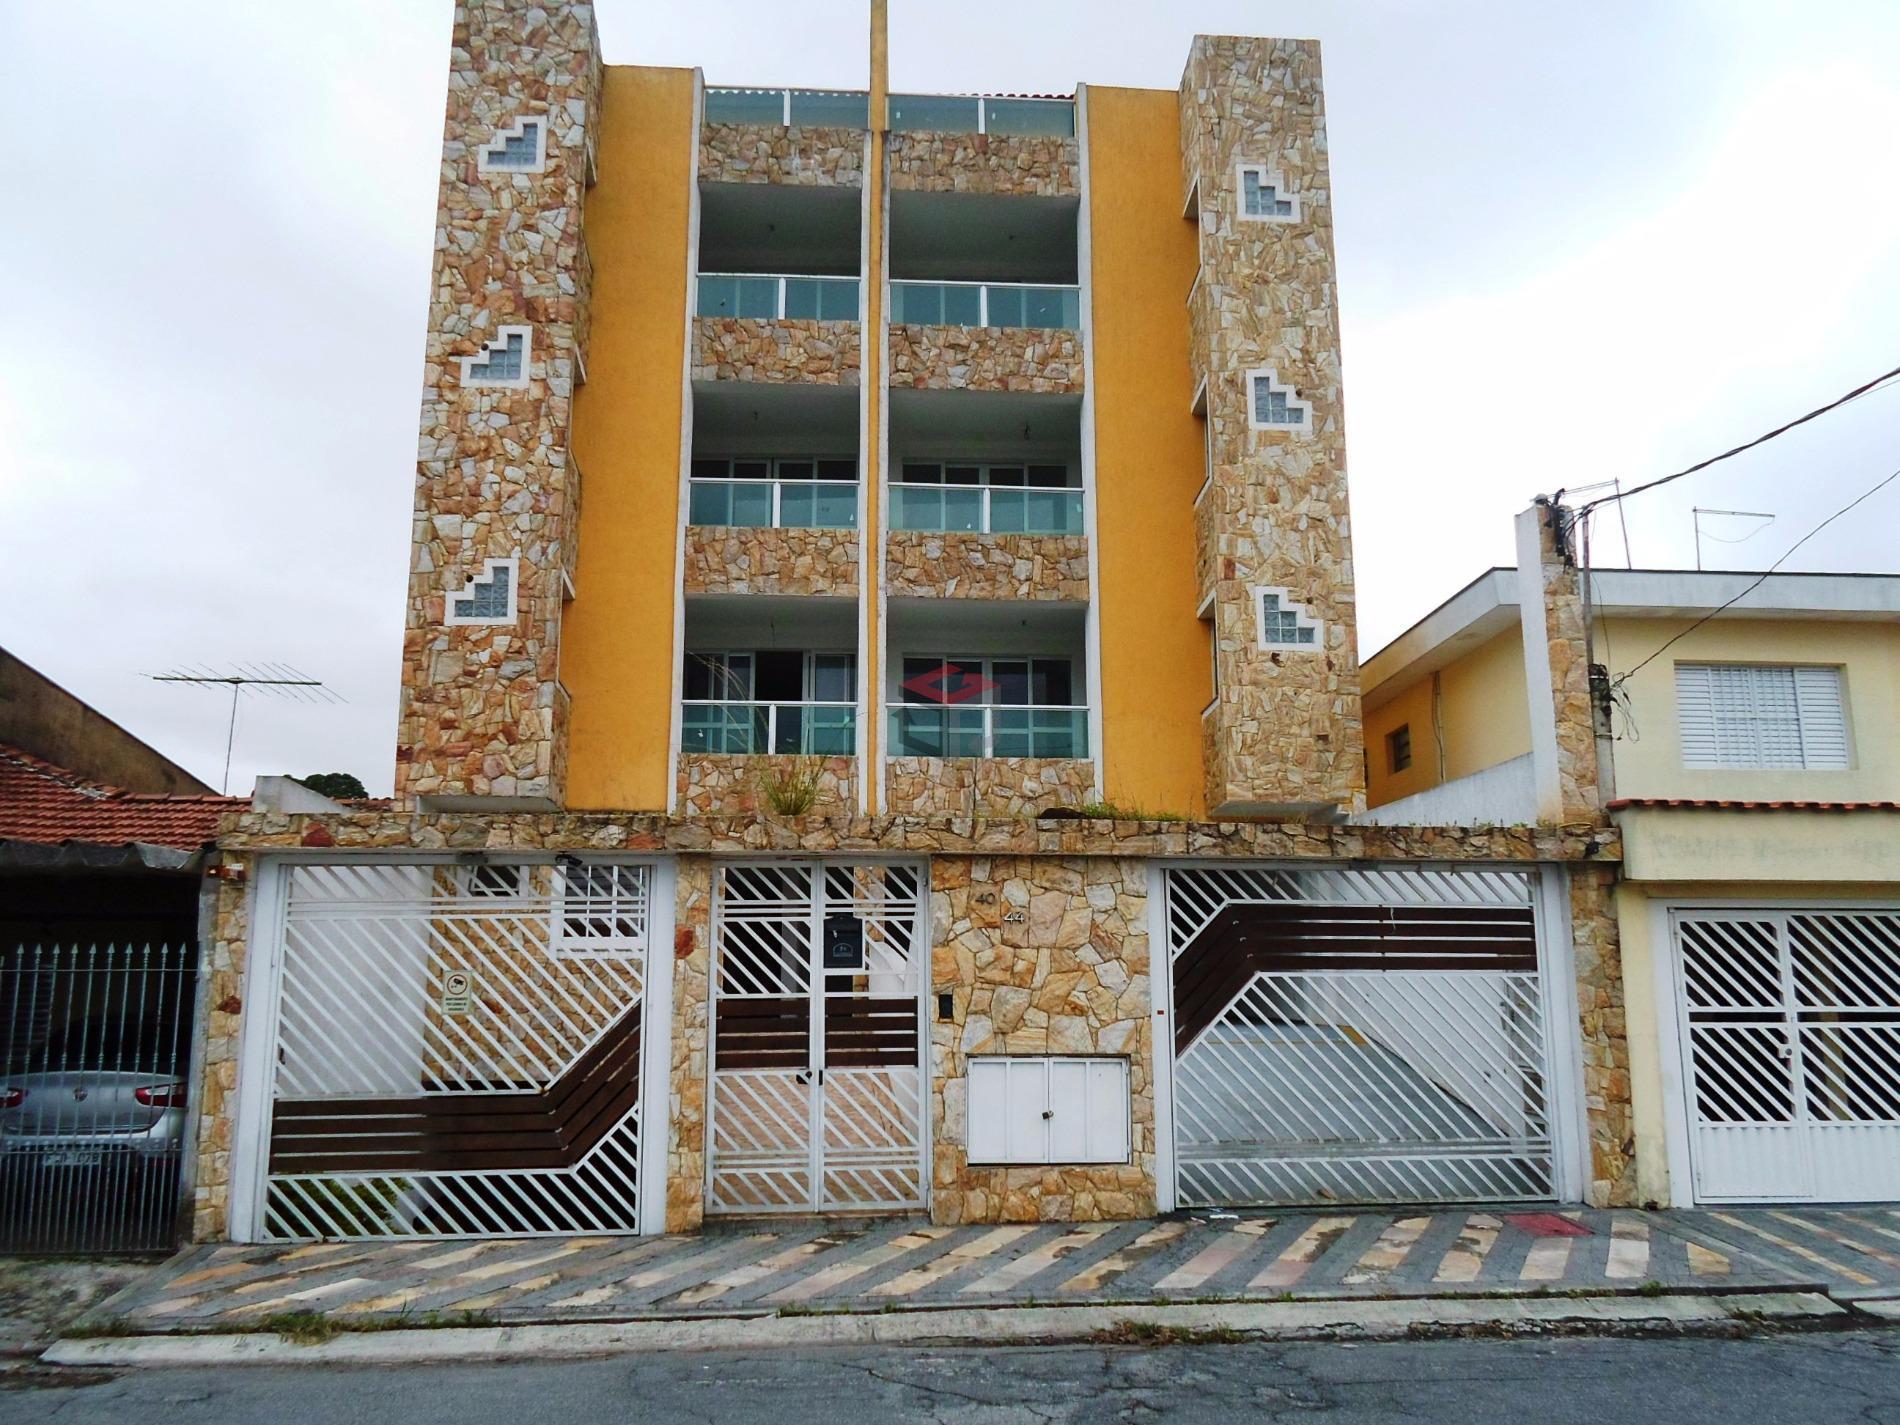 Cobertura residencial à venda, Assunção, São Bernardo do Campo - CO49869.